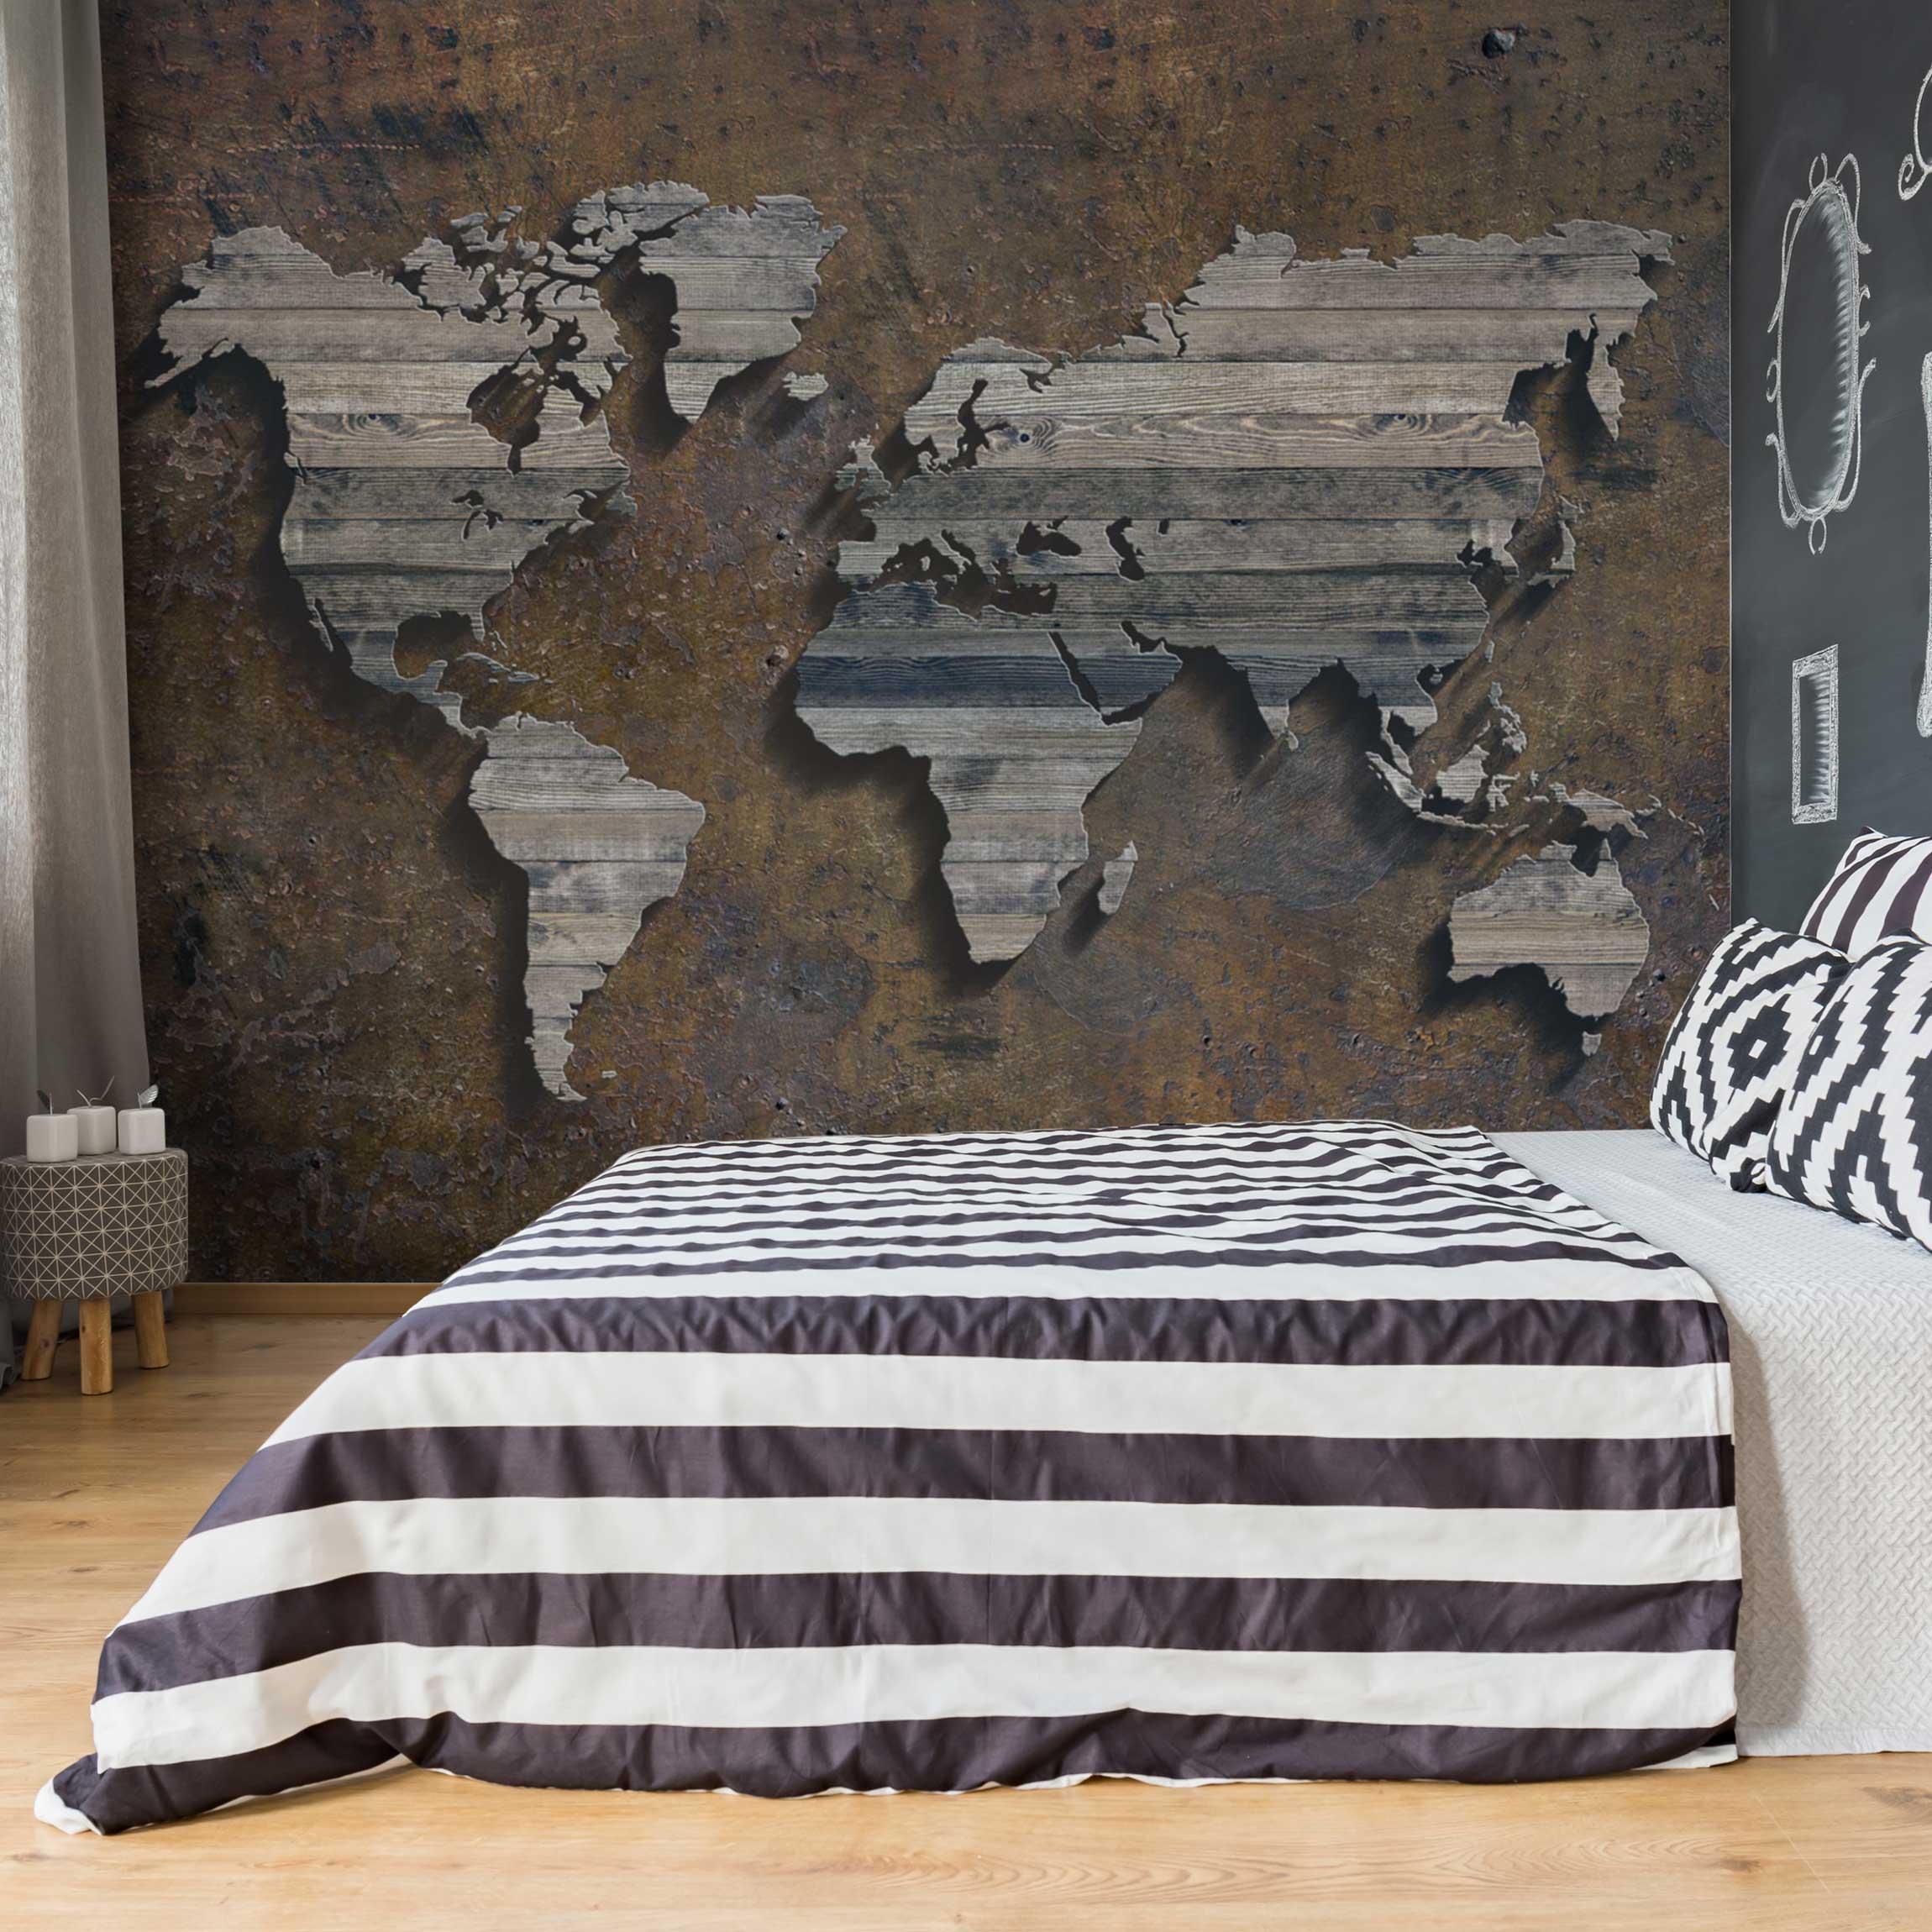 tapete selbstklebend holz rost weltkarte wandbild querformat. Black Bedroom Furniture Sets. Home Design Ideas